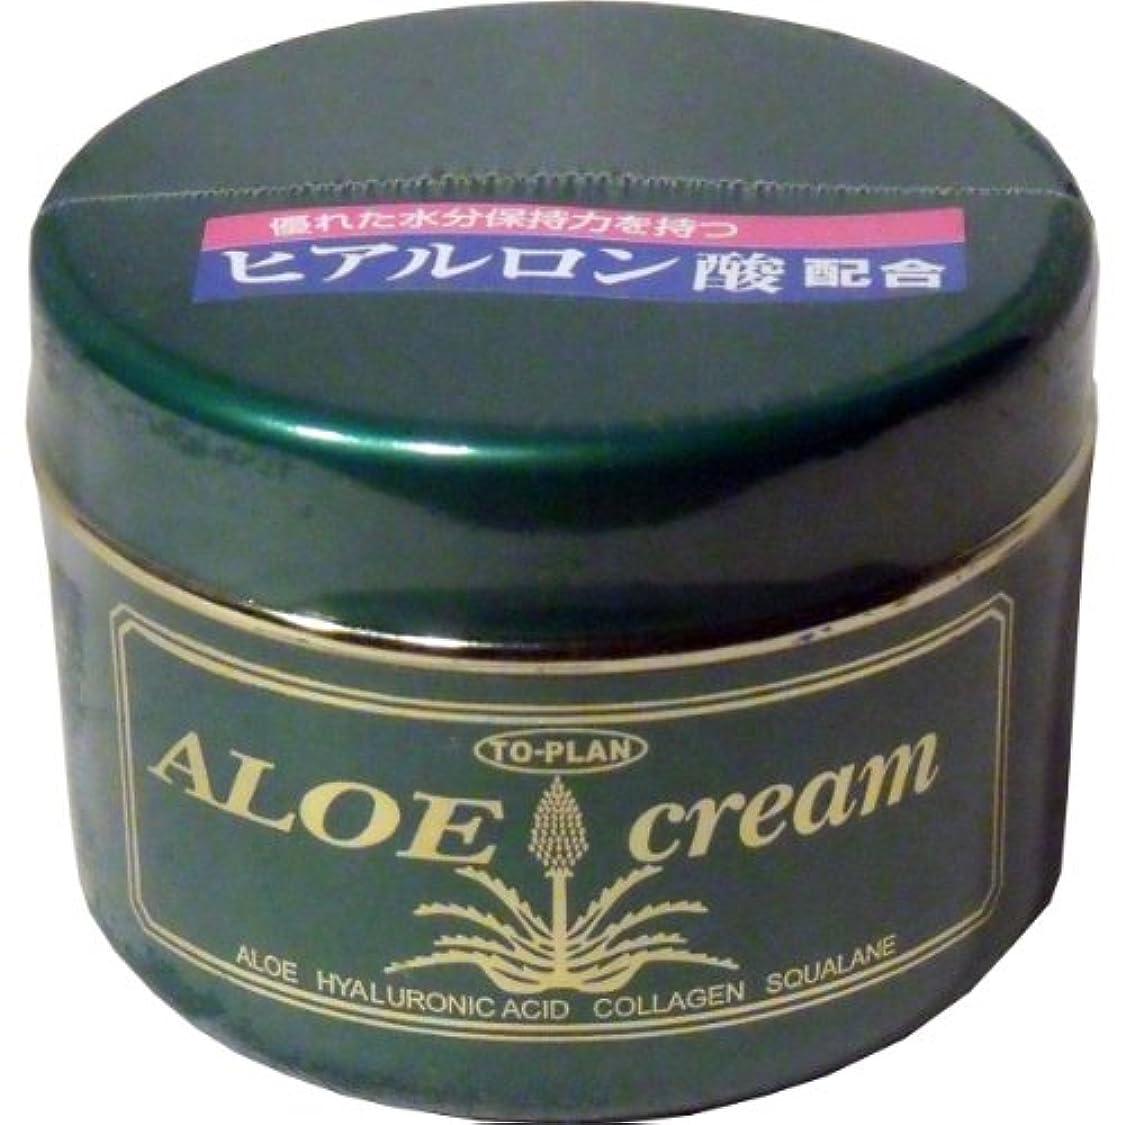 トプラン ハーブフレッシュクリーム(アロエクリーム) ヒアルロン酸 170g ×6個セット